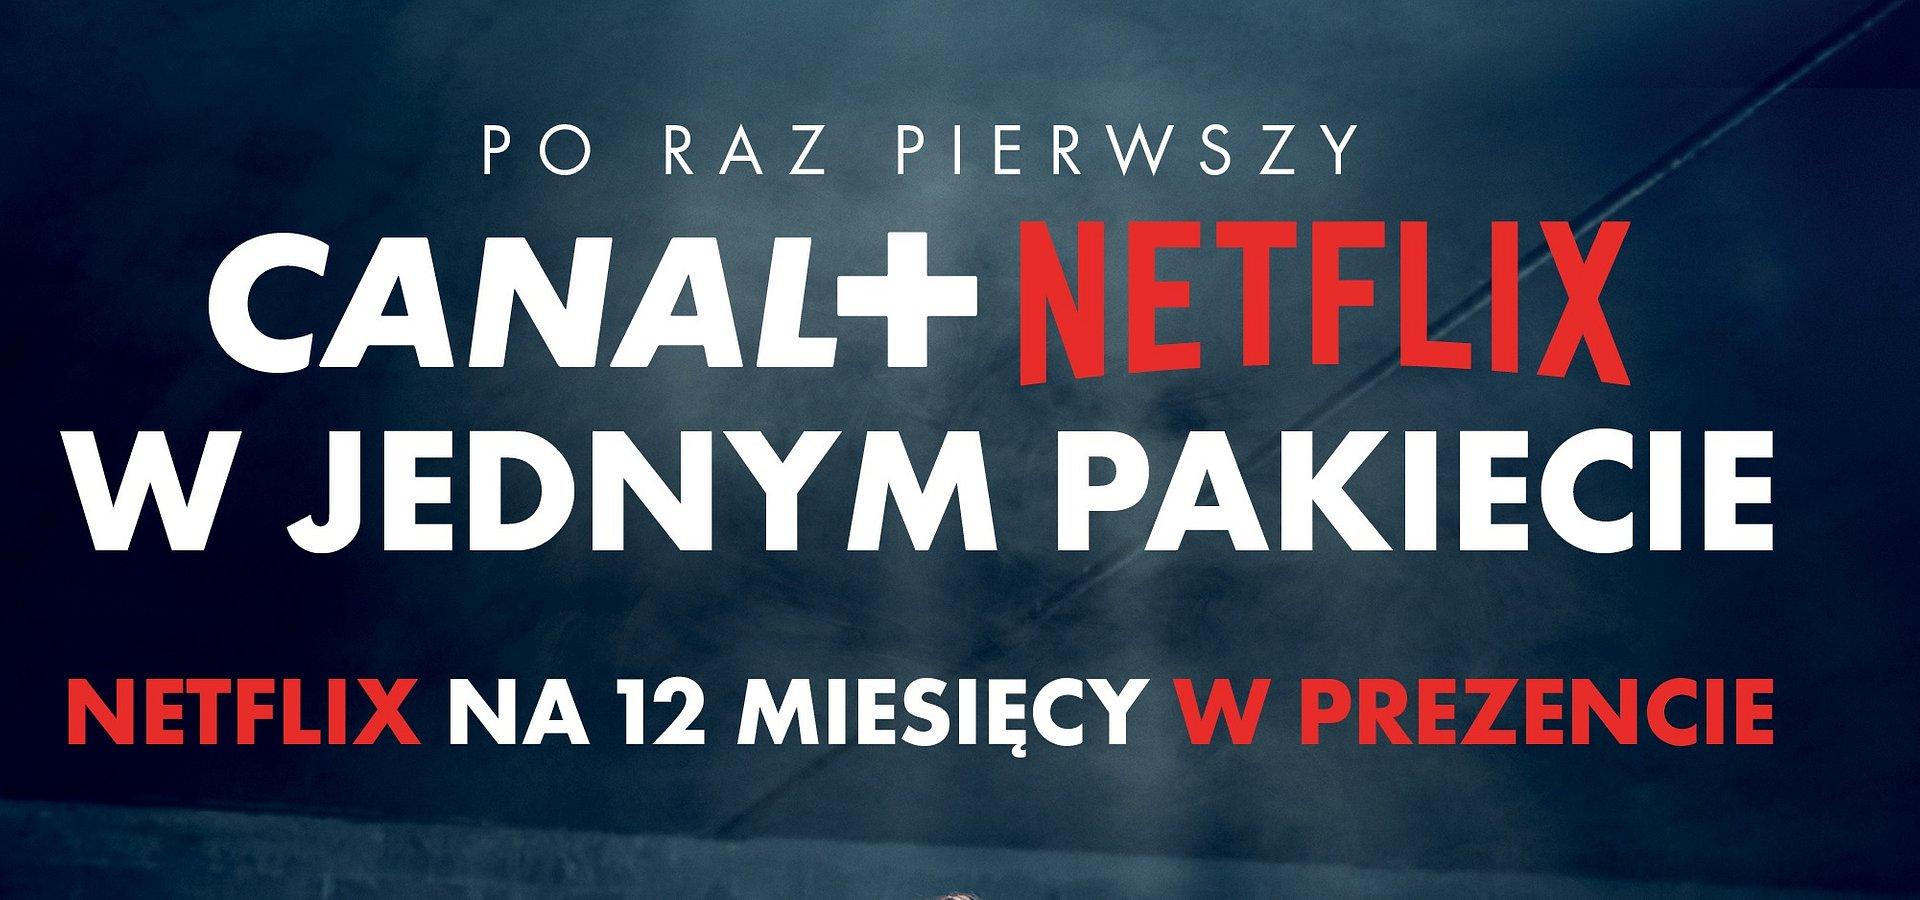 CANAL+ i Netflix wspólnie zaoferują polskim klientom najlepsze filmy, seriale i sport w ramach jednego pakietu